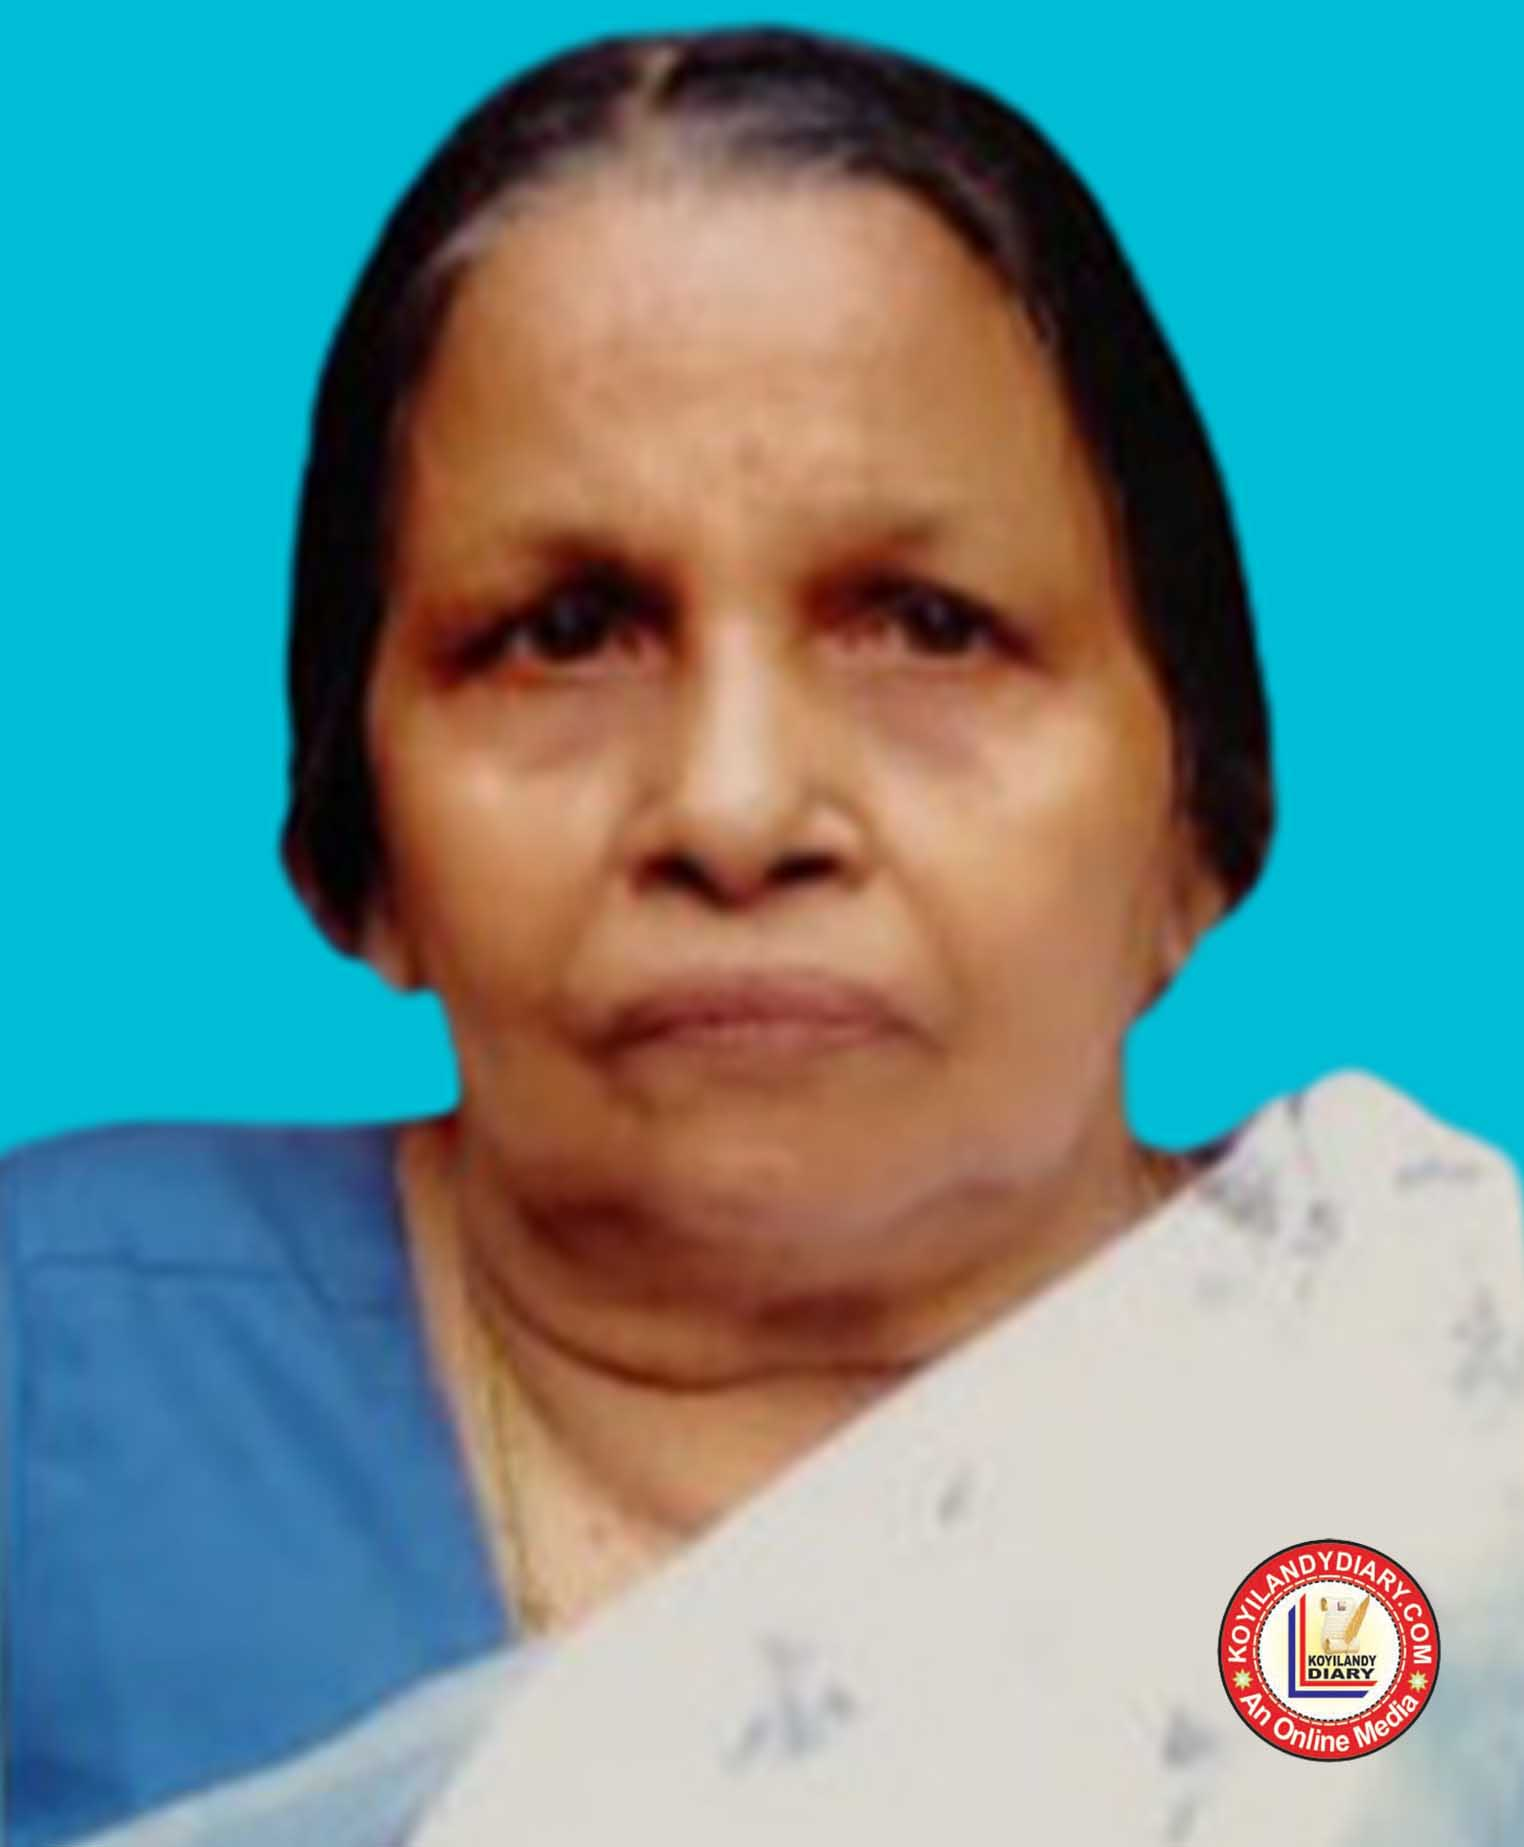 പയറ്റുവളപ്പിൽ ശ്രീനാരായണ ഗുരു റോഡ് കാക്കപൊയിൽ ദേവി (84)